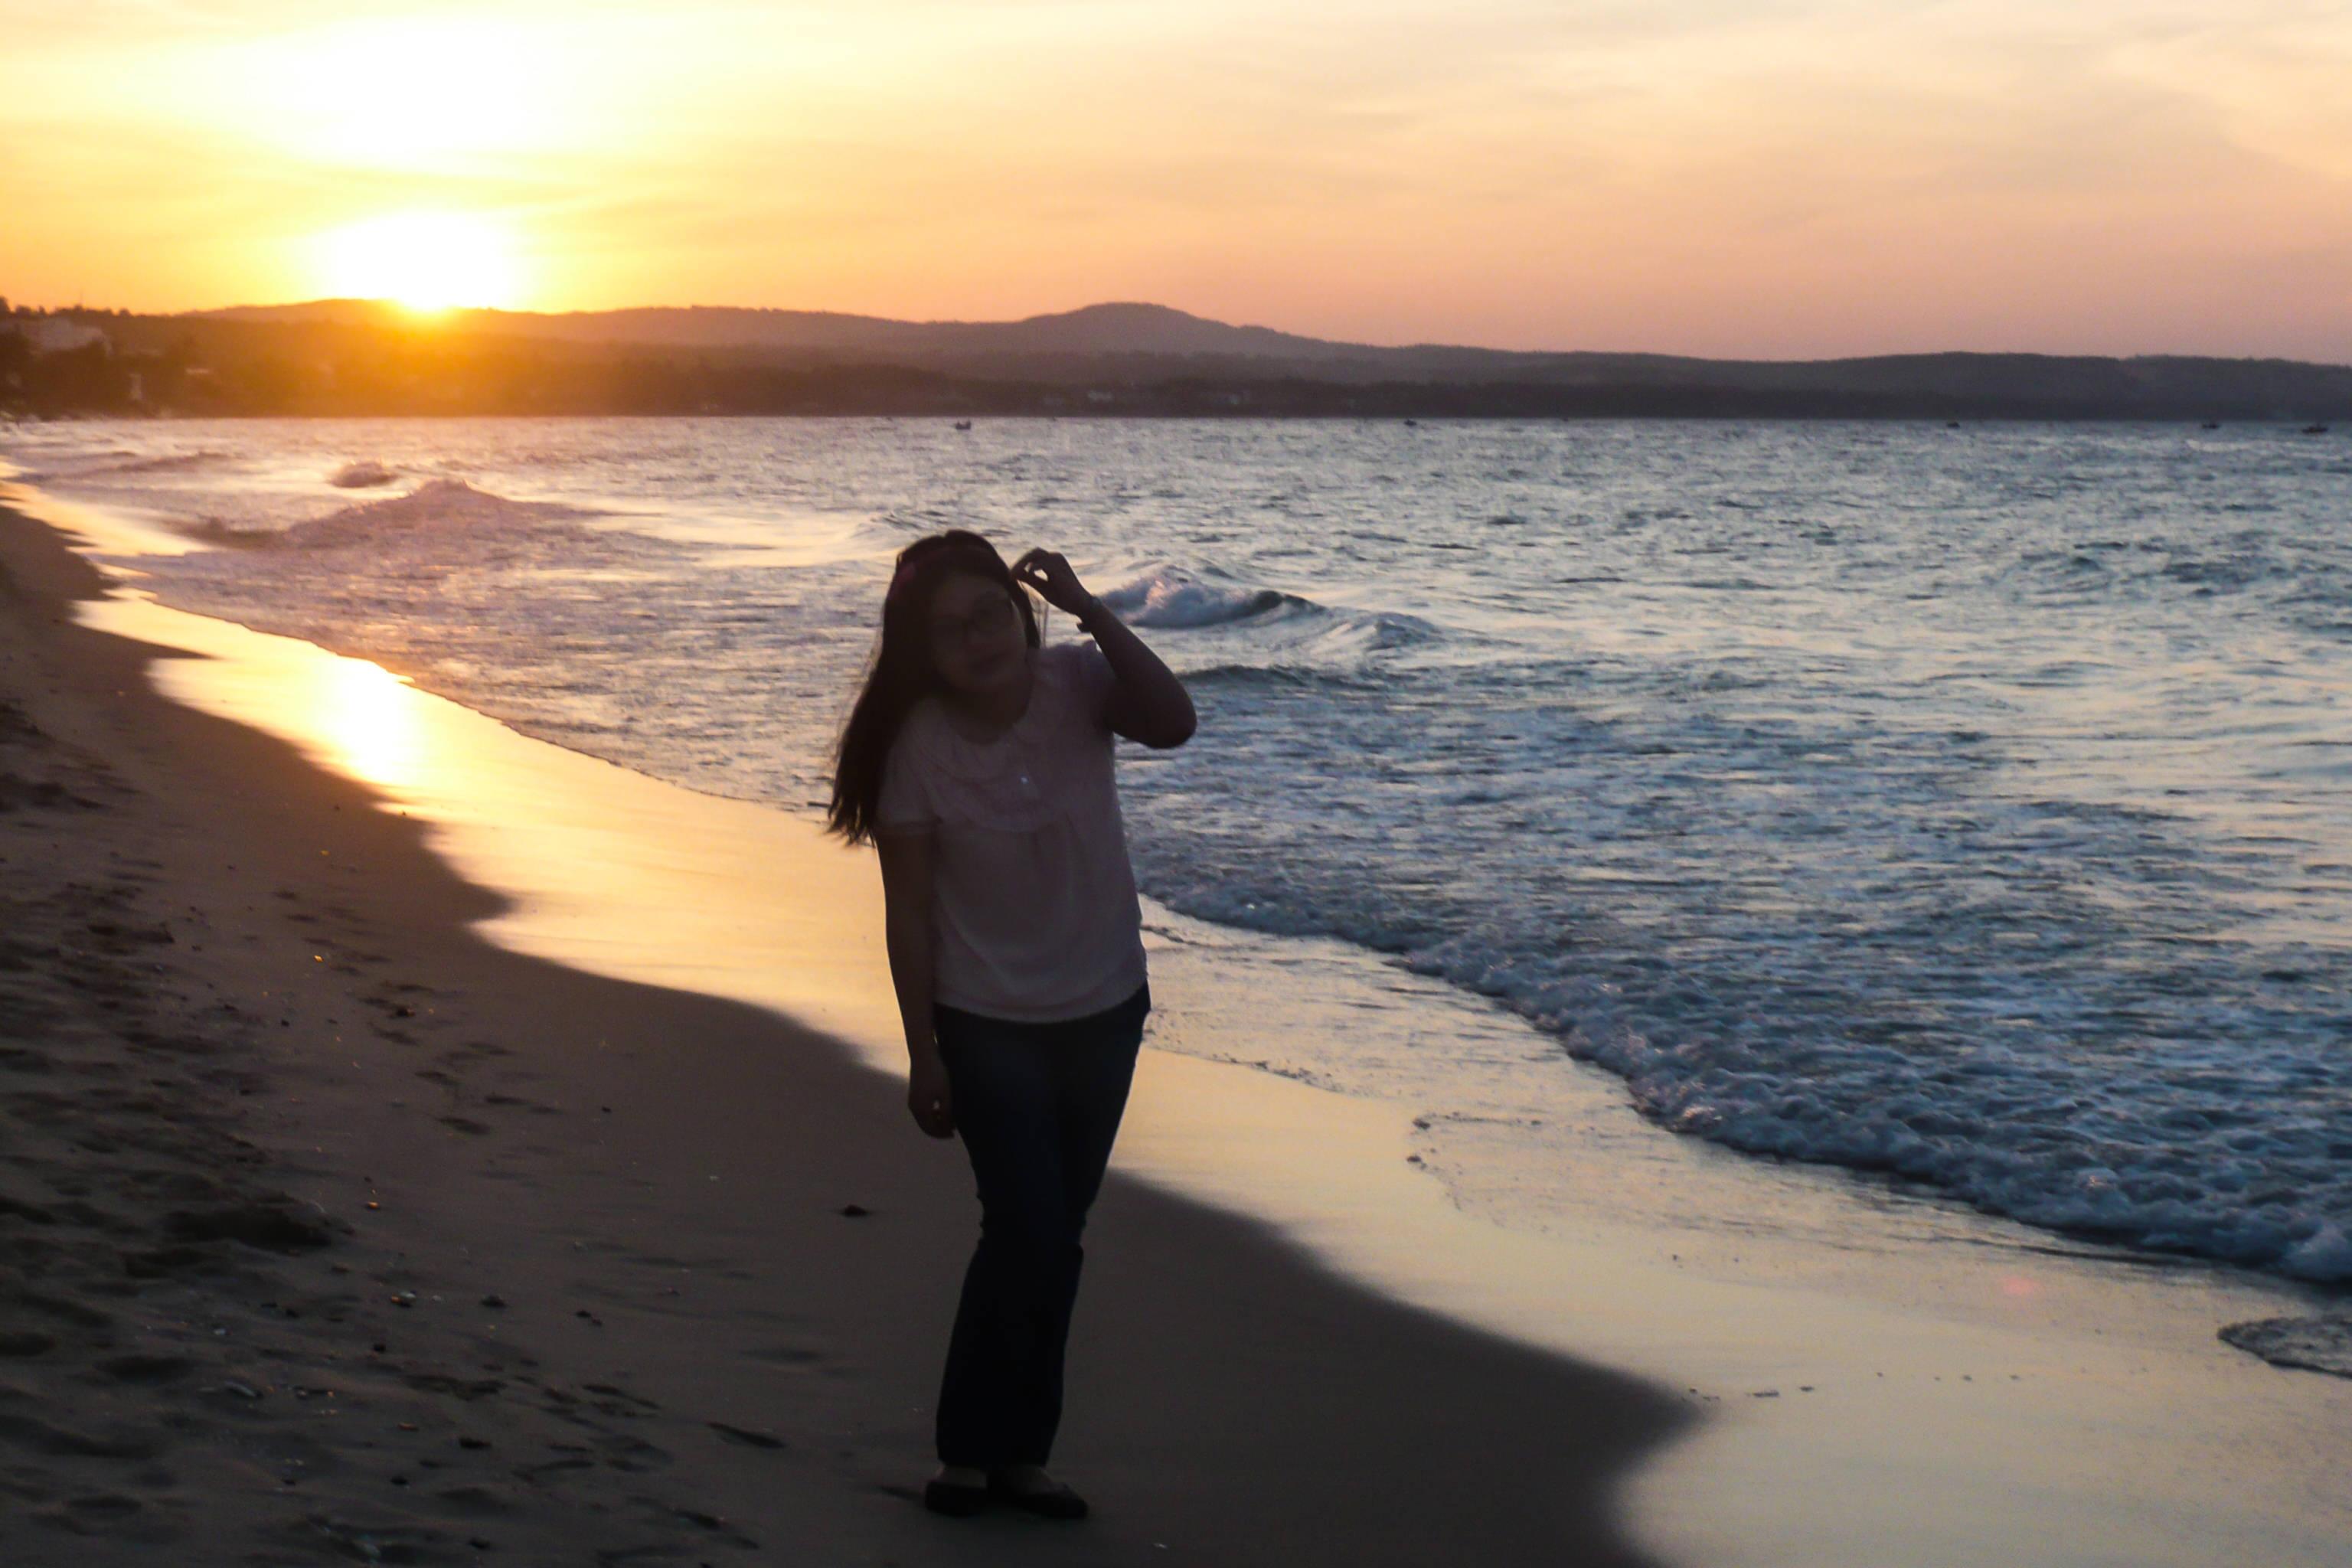 Sunrise at Phan Thiet sea